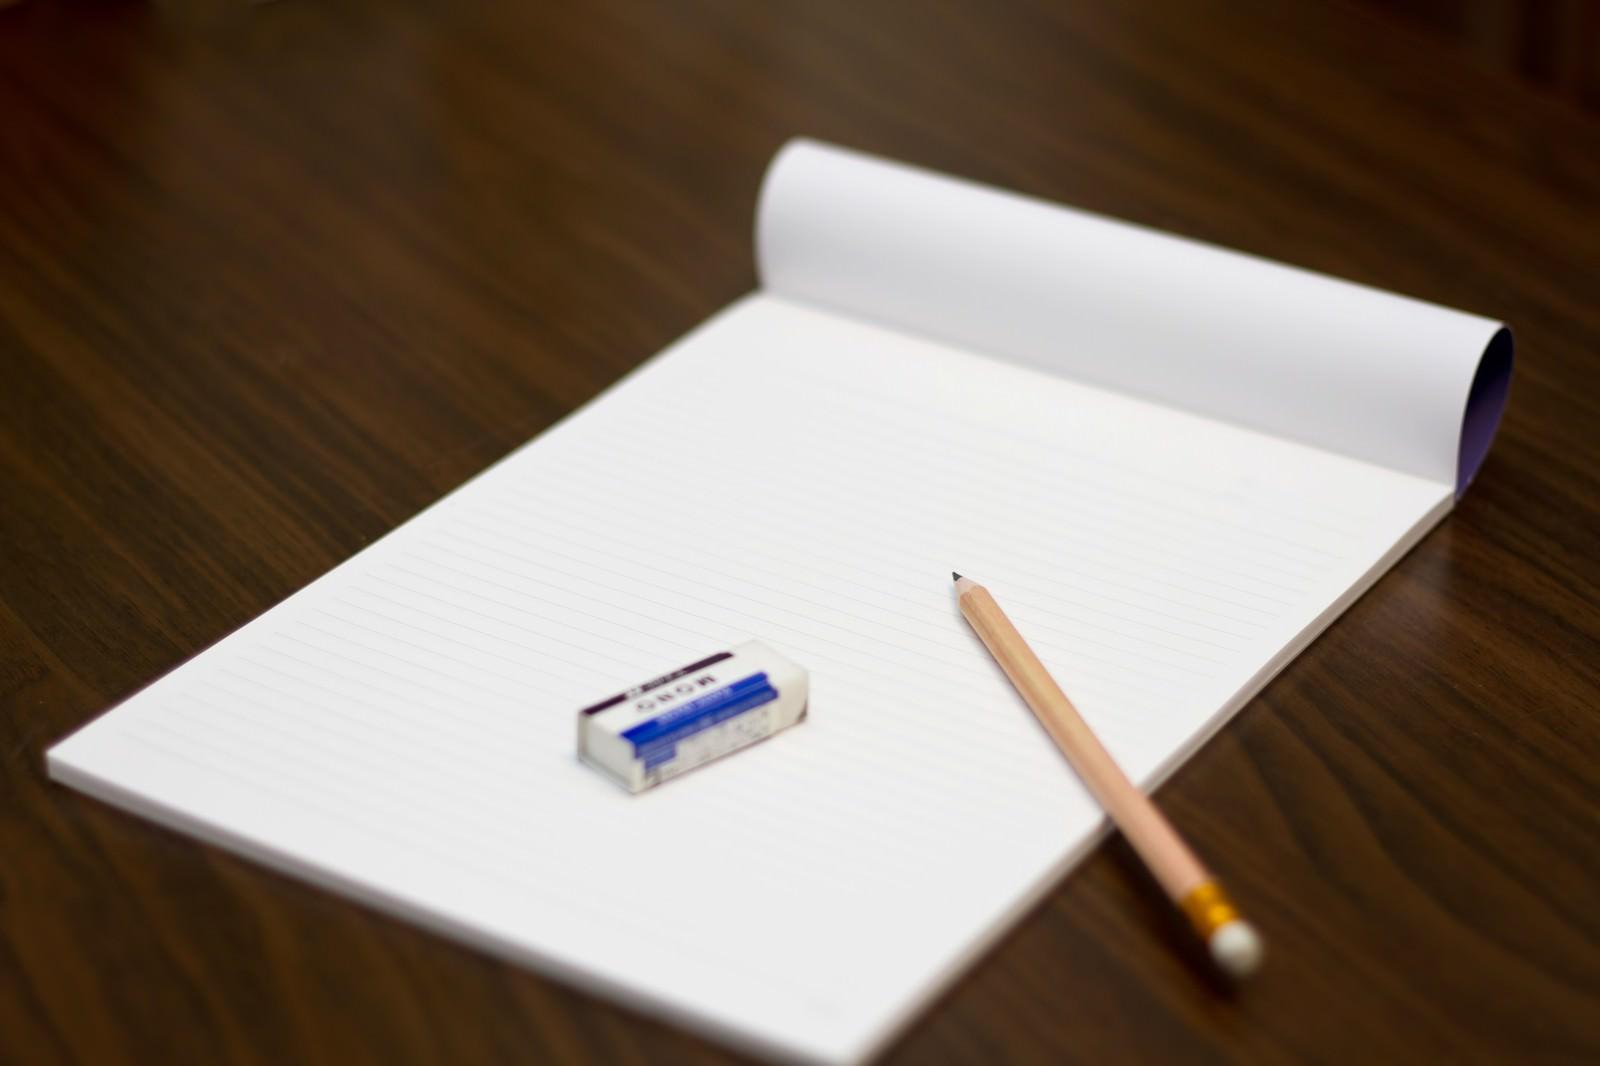 「鉛筆・ノート・消しゴム鉛筆・ノート・消しゴム」のフリー写真素材を拡大